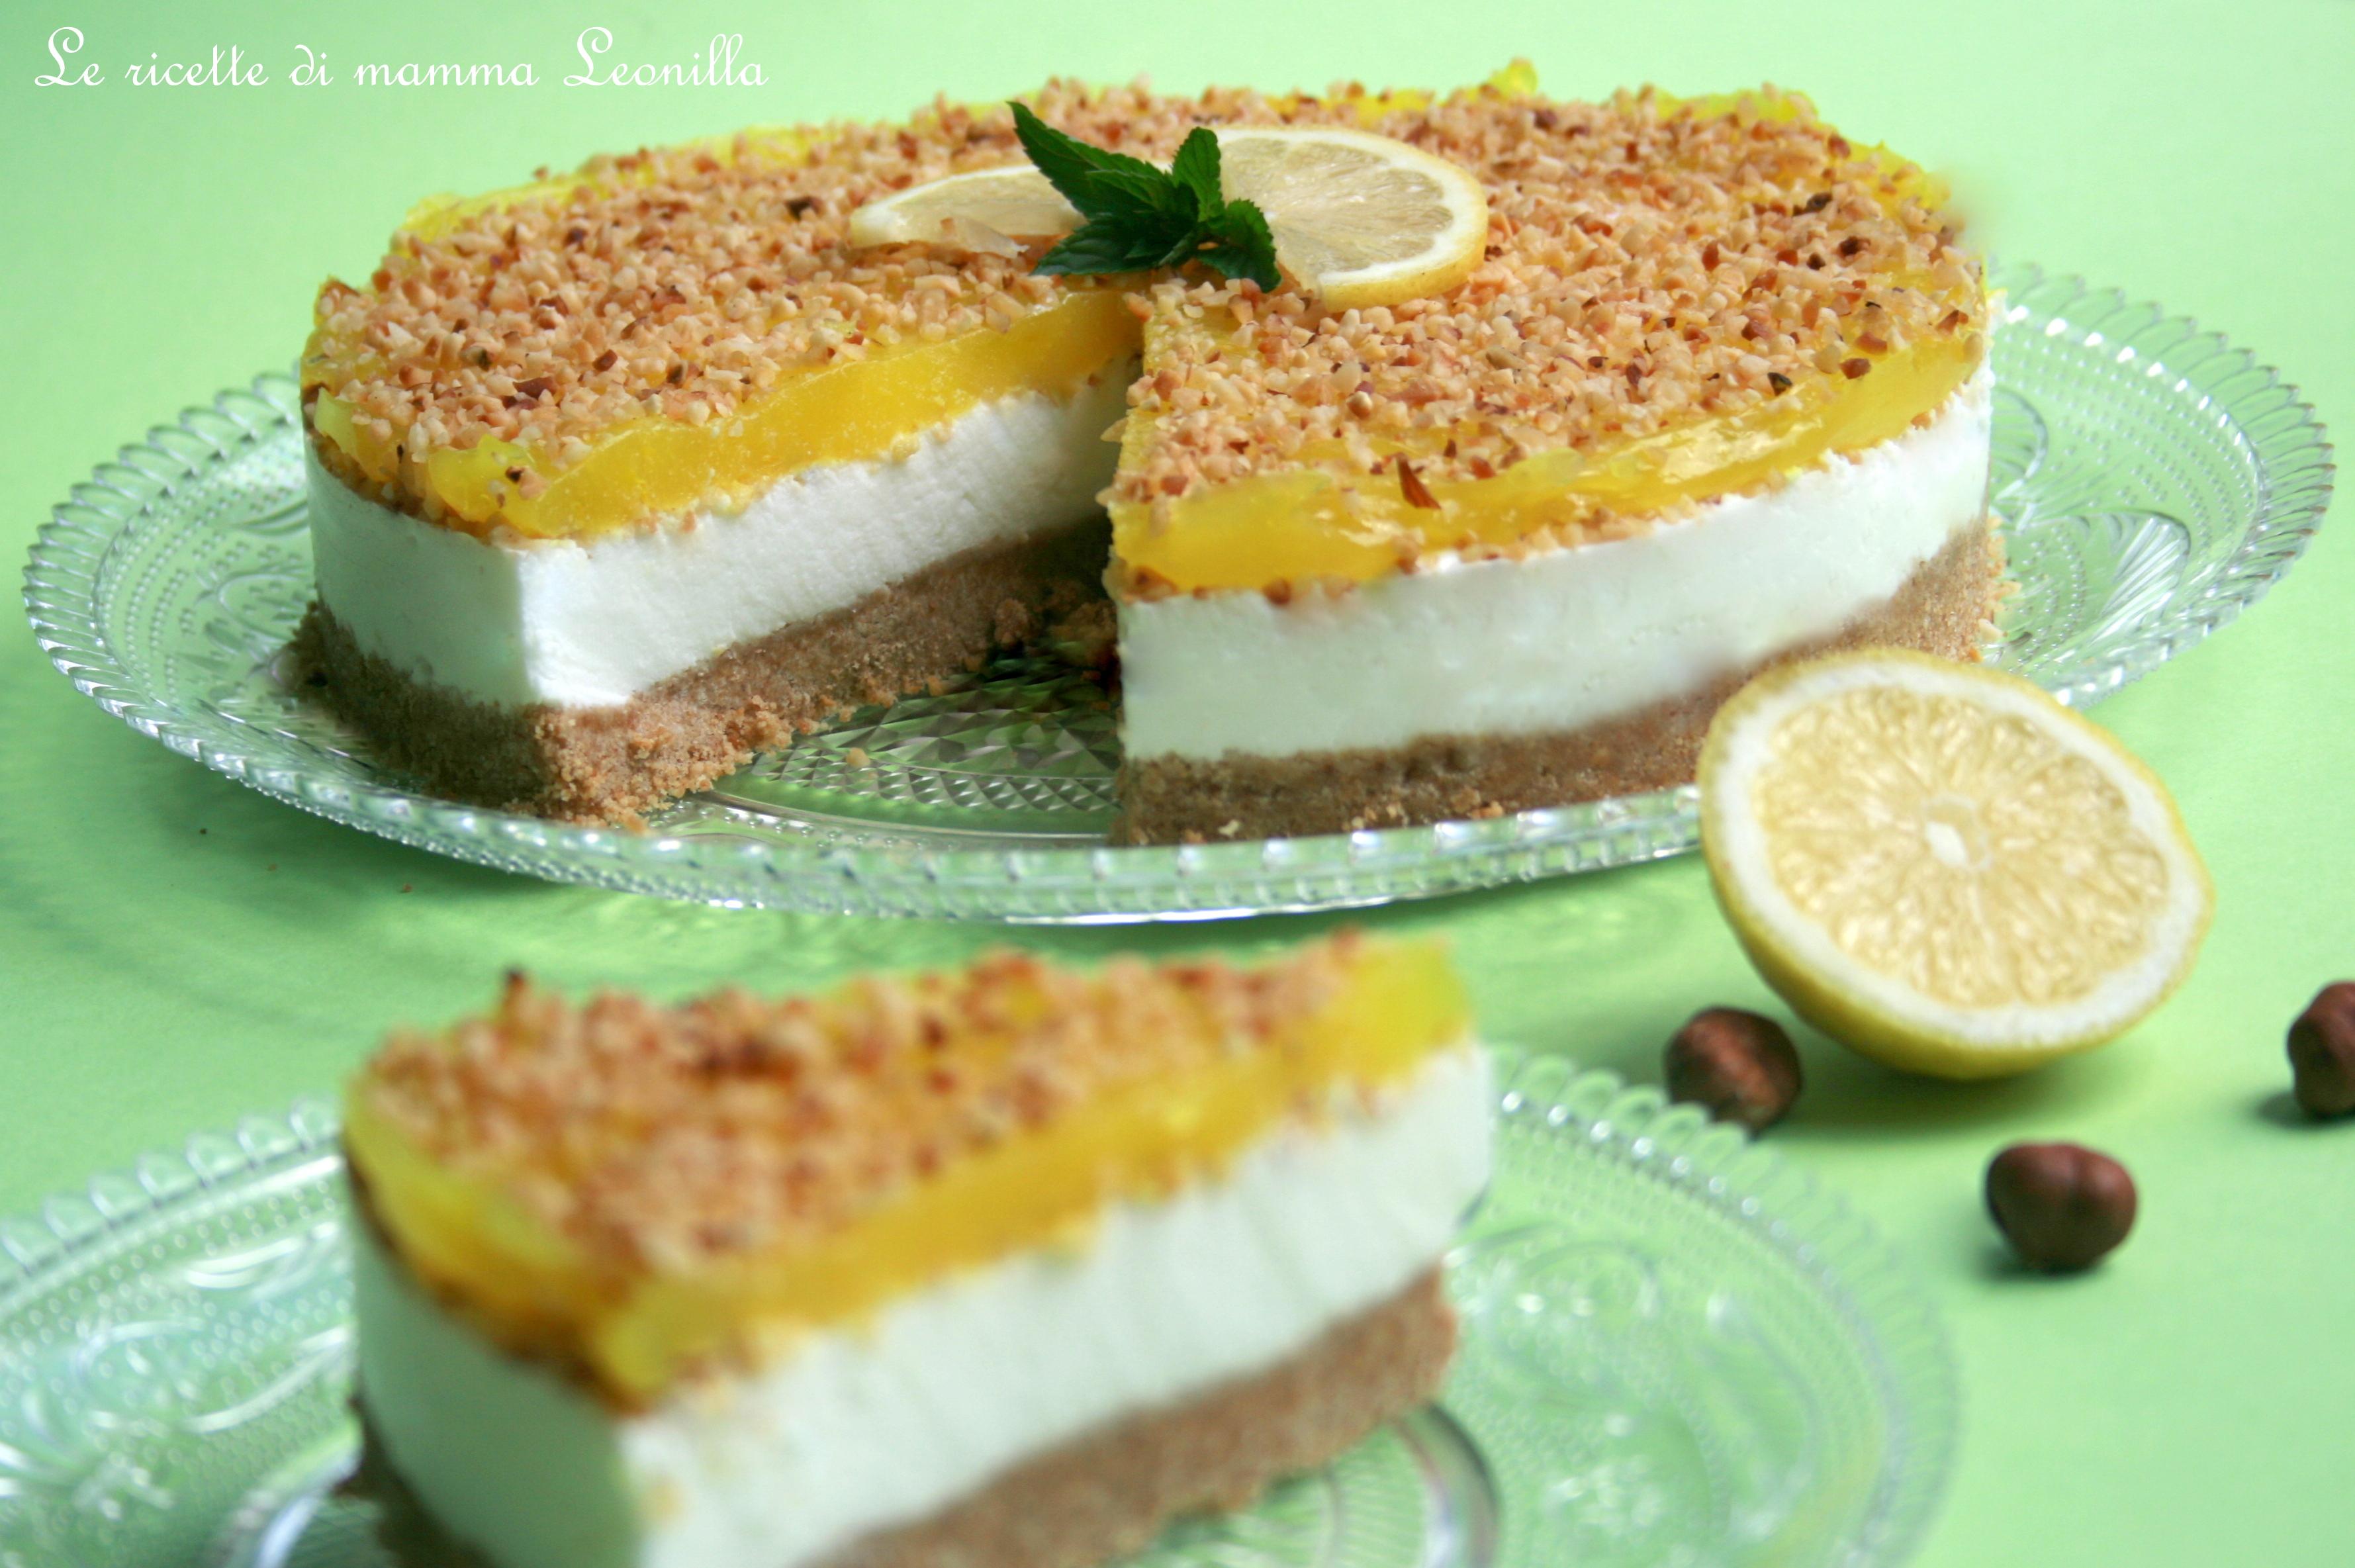 torta allo yogurt al limone nocciole e gelatina fatta in